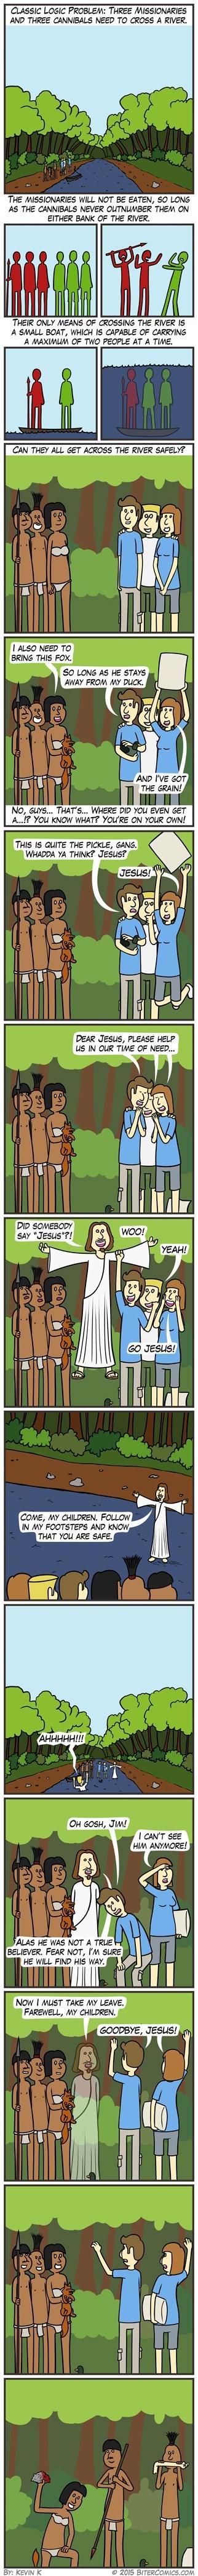 jesus sad but true logic cannibals web comics - 8540516608